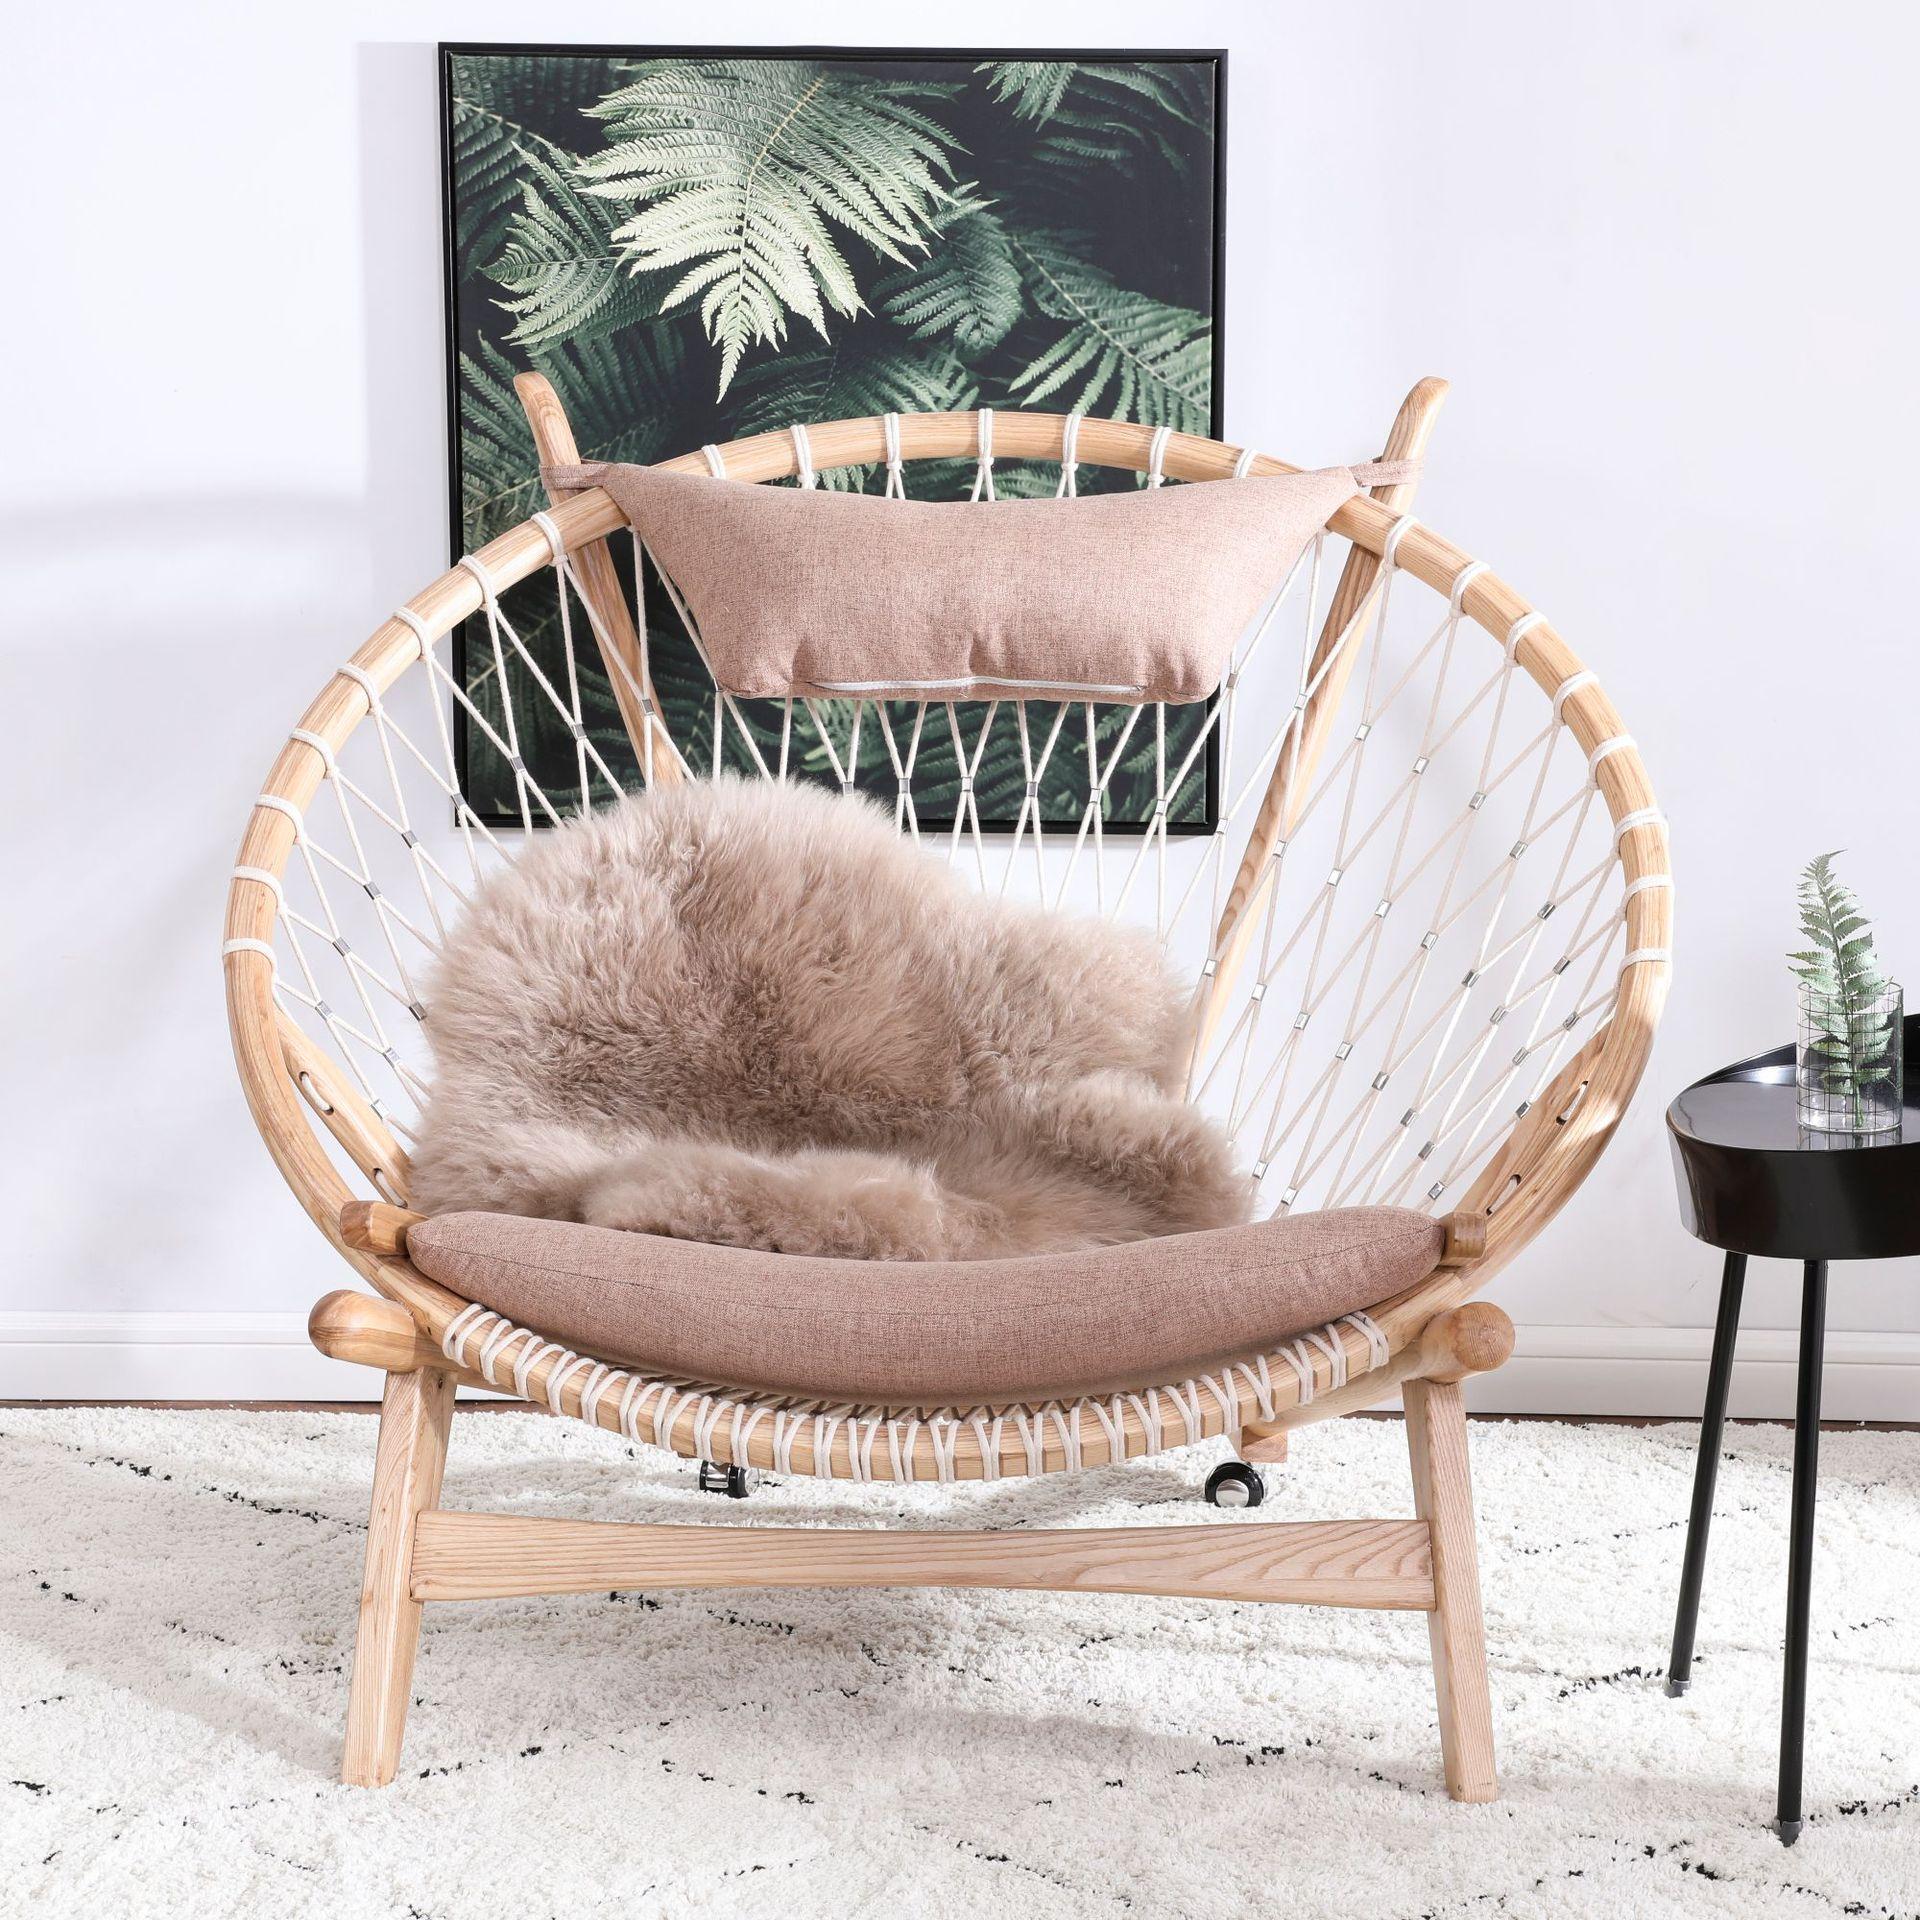 MinDaWe thị trường nội thất , đèn Ghế gỗ rắn Bắc Âu khách sạn tựa lưng ghế tựa thời trang sáng tạo t